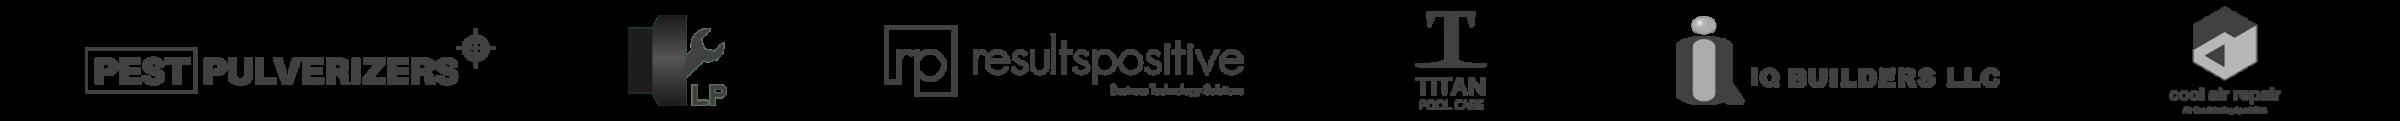 mf-customer-logos-1